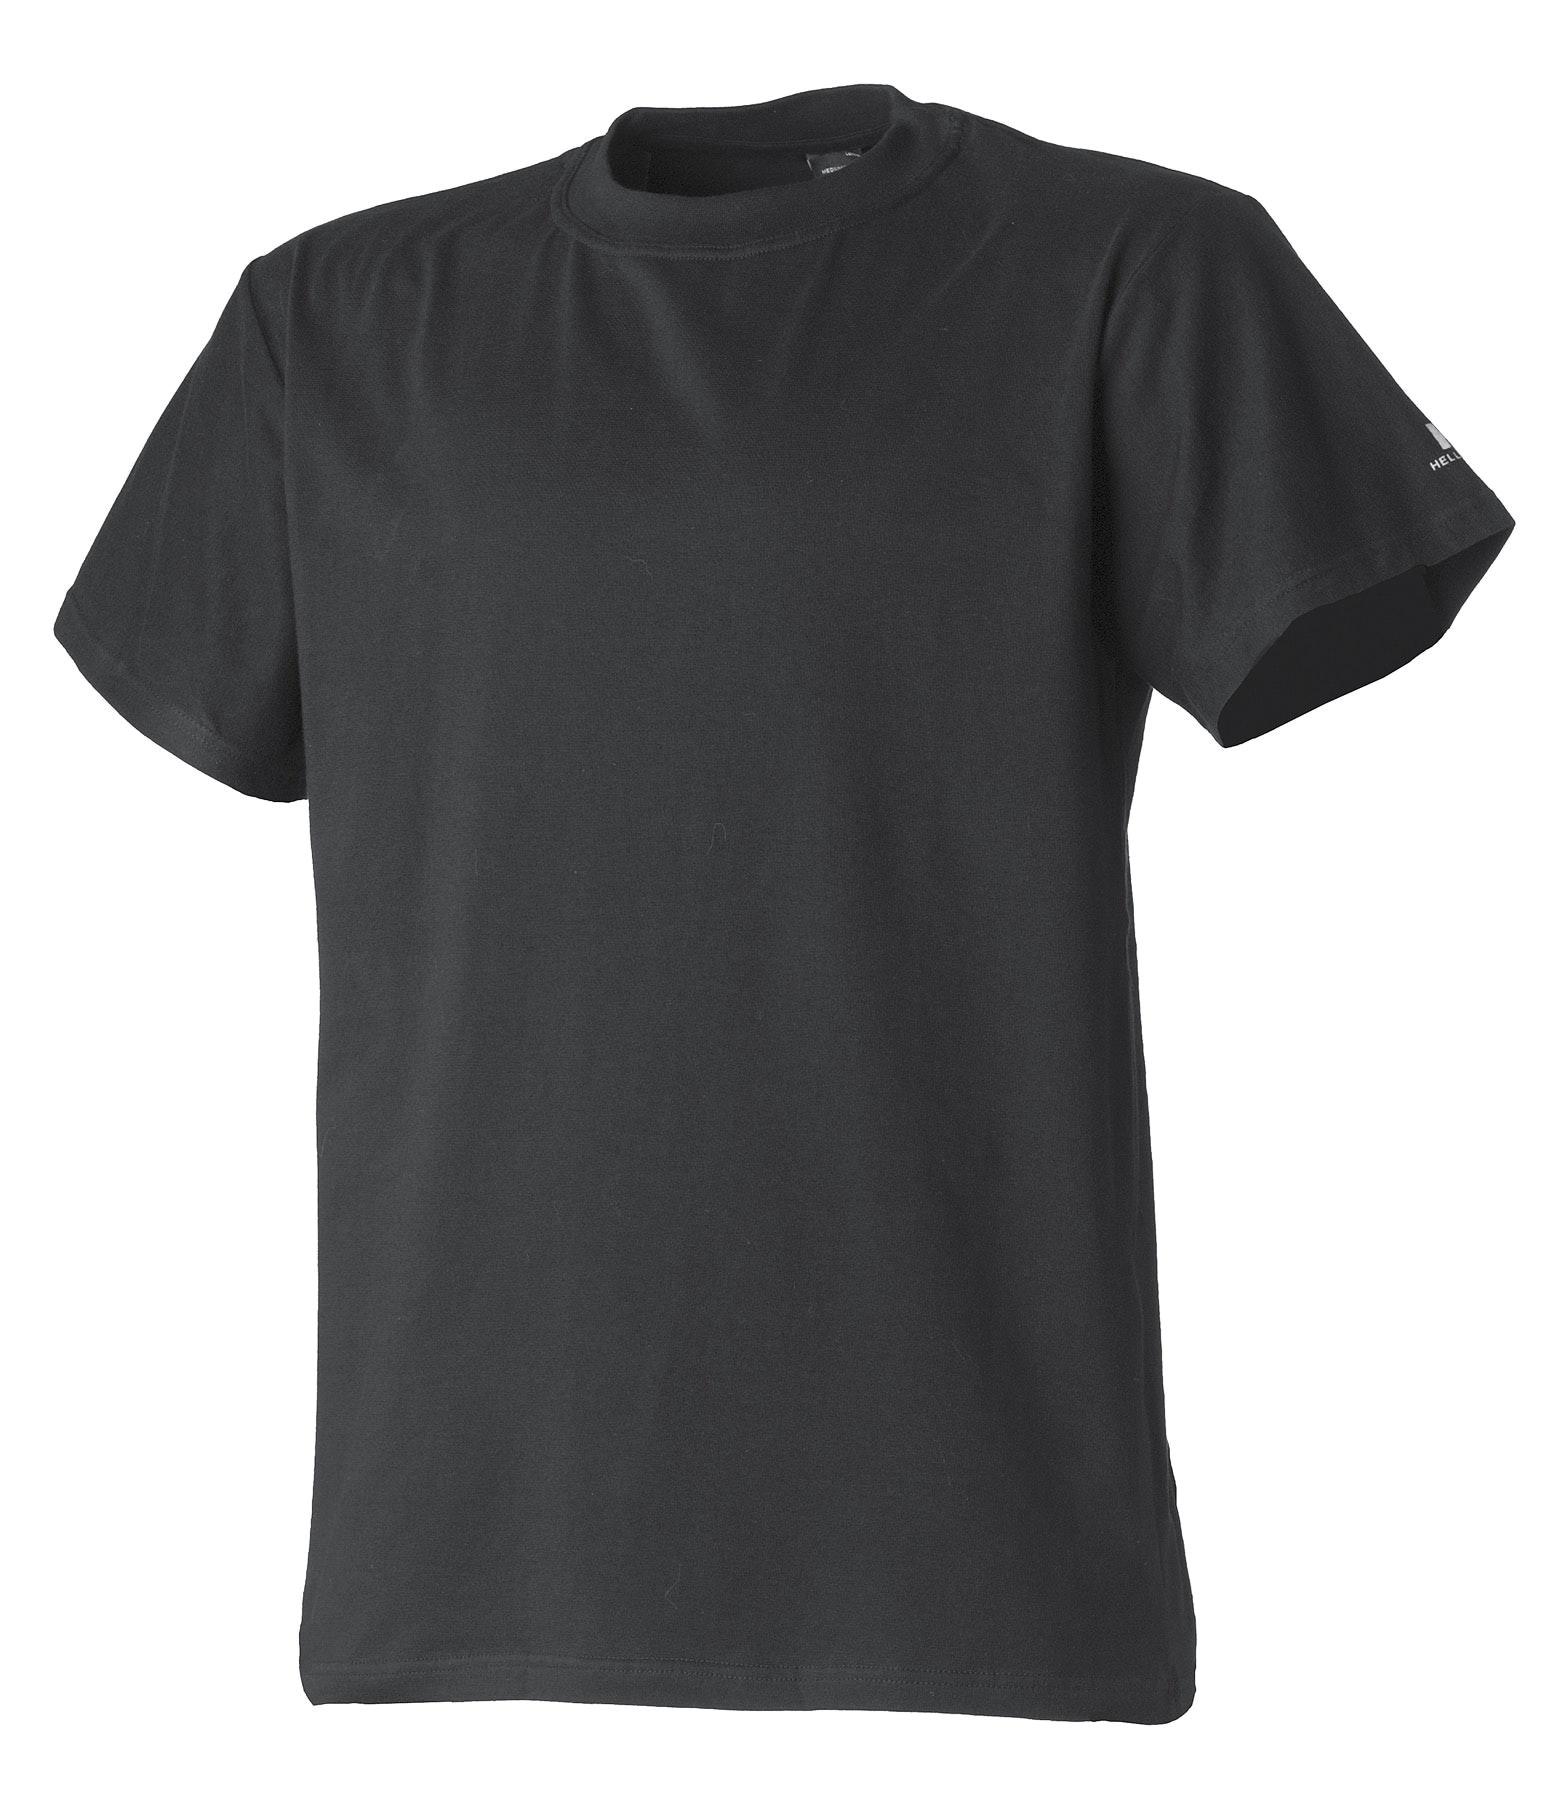 T-Shirt Helly Hansen Vit M Manchester